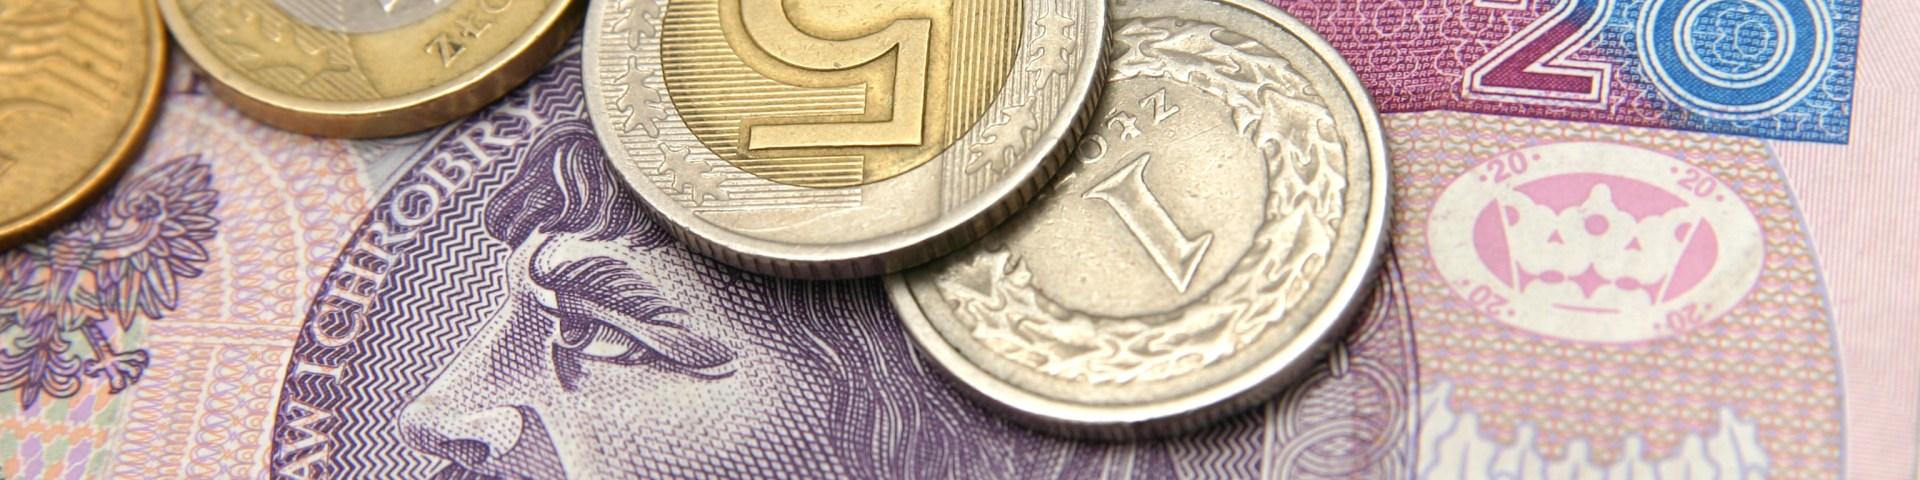 informacje o kosztach przesyłania pieniędzy